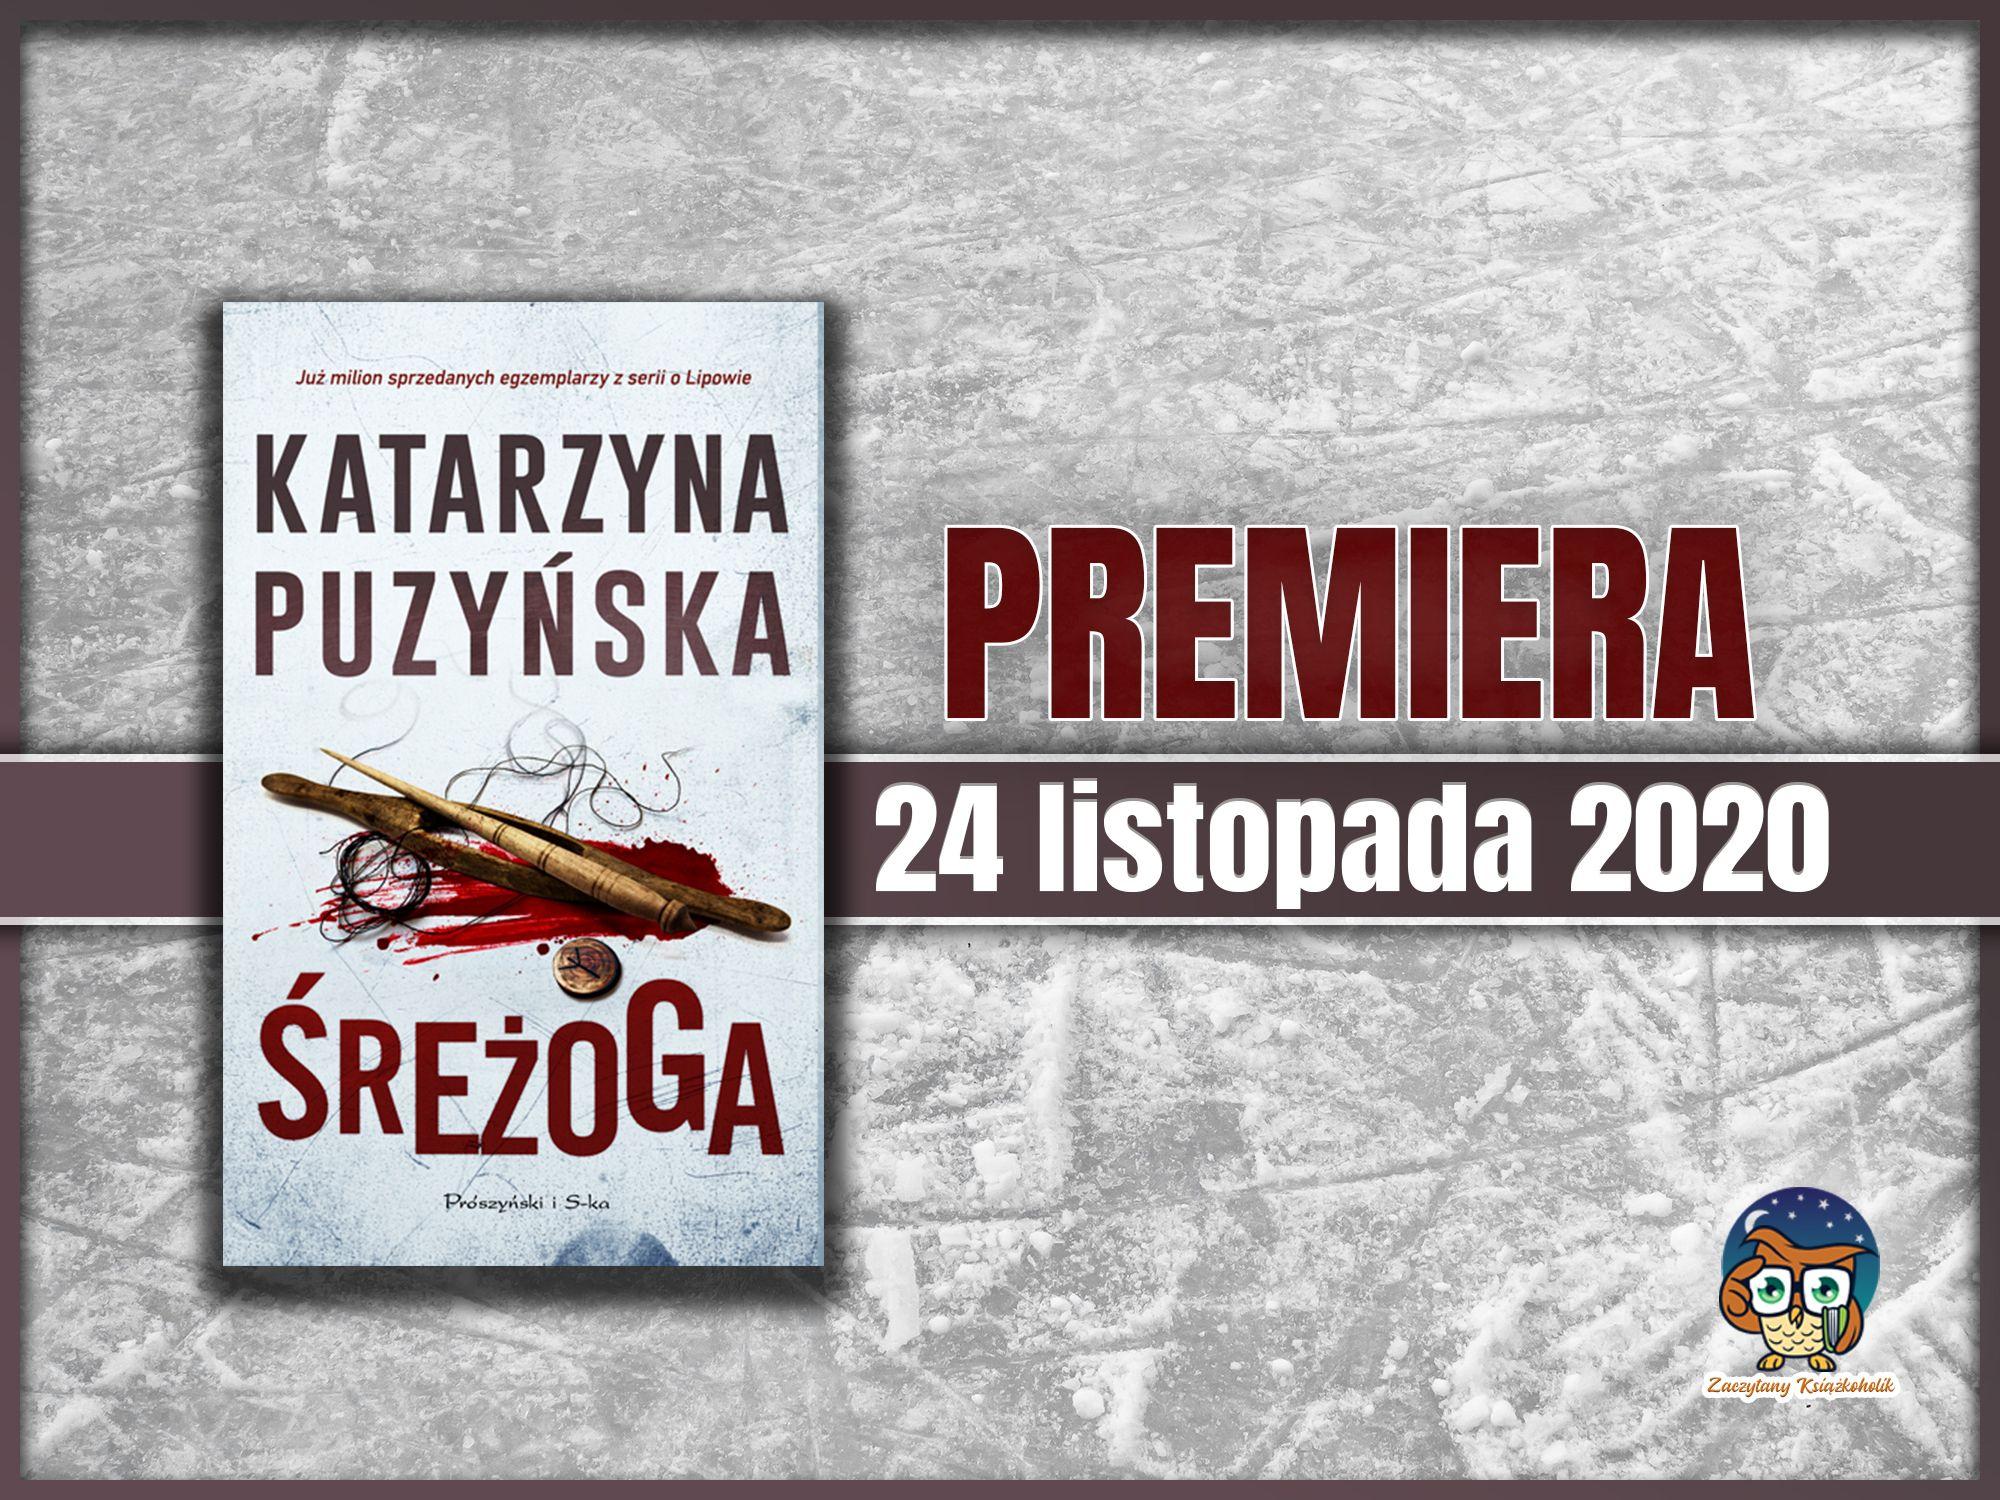 Śreżoga, Katarzyna Puzyńska, zaczytanyksiazkoholik.pl